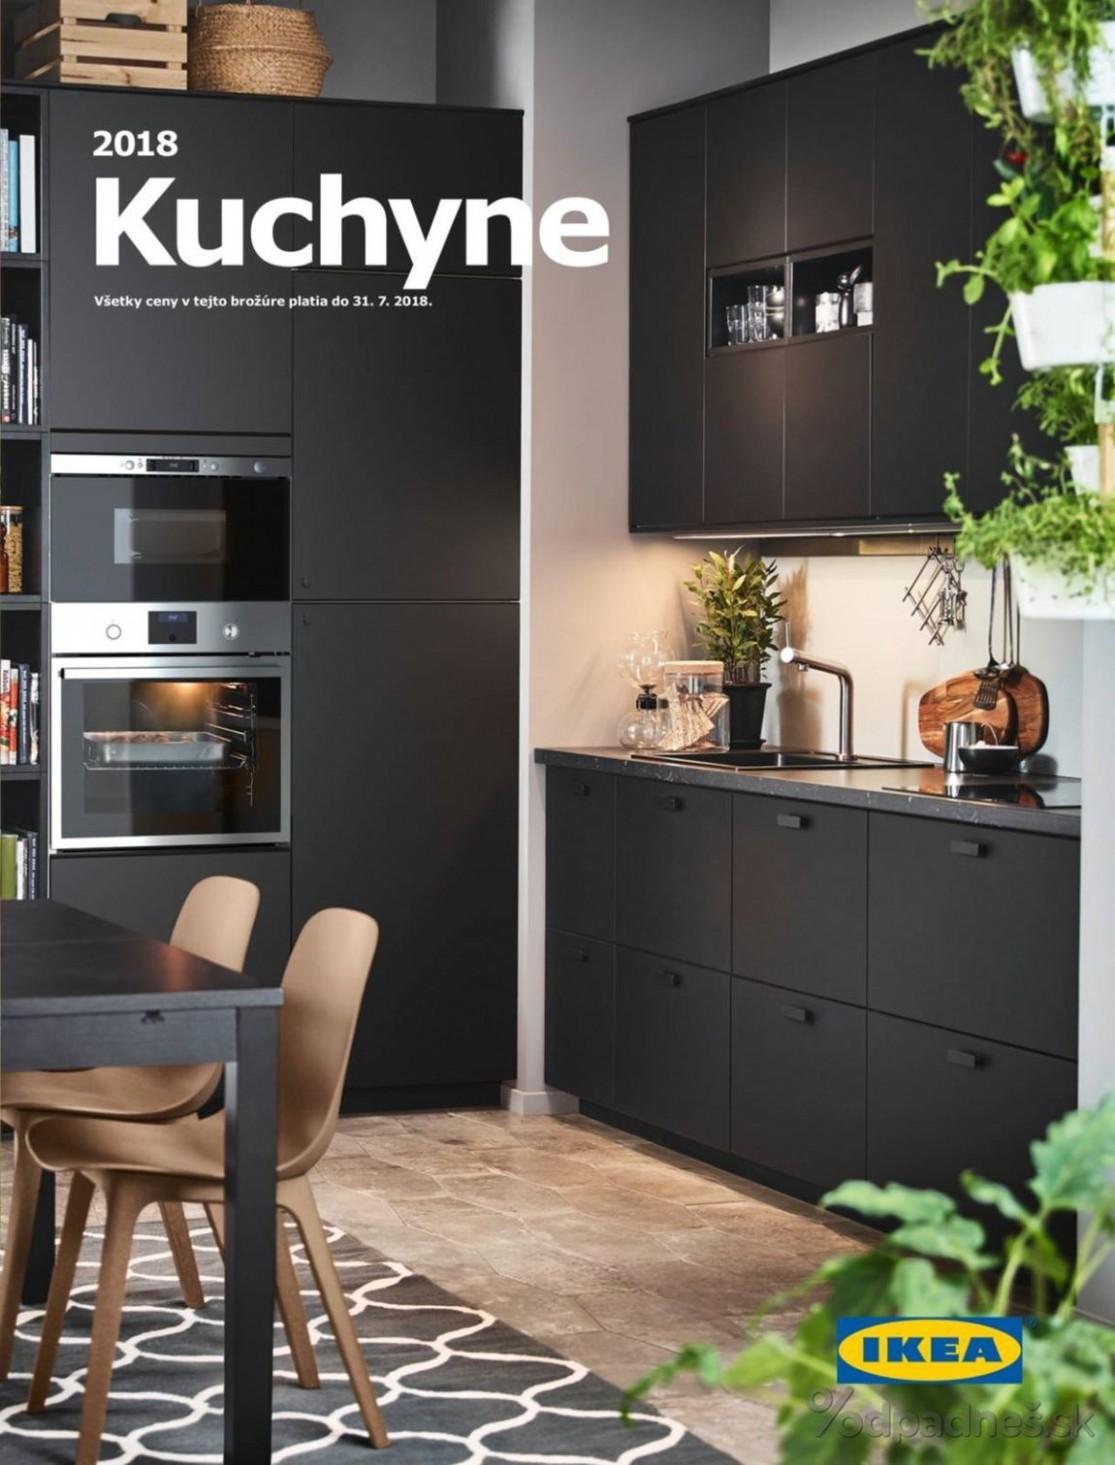 Kuchyne Ikea